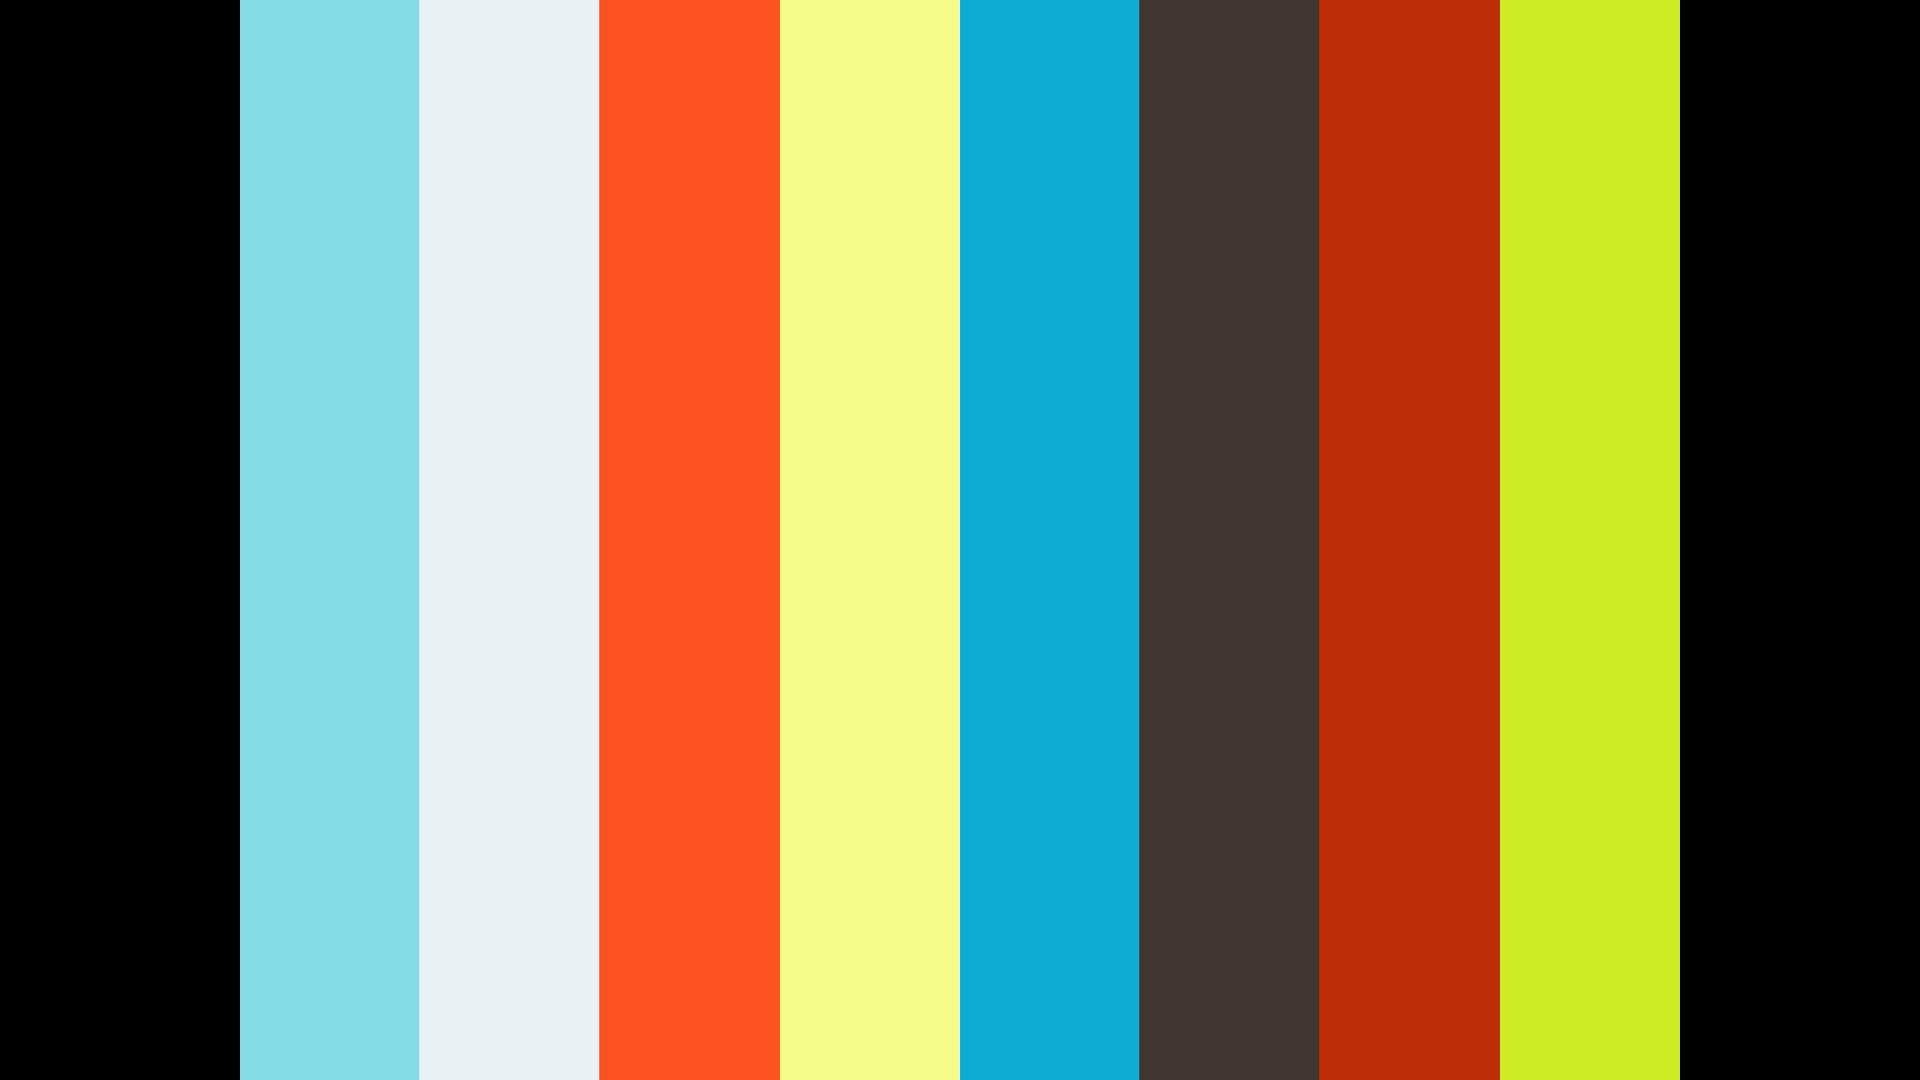 10/27/2019 AM | Vali Simion - Ce spune Biblia despre homosexualitate?